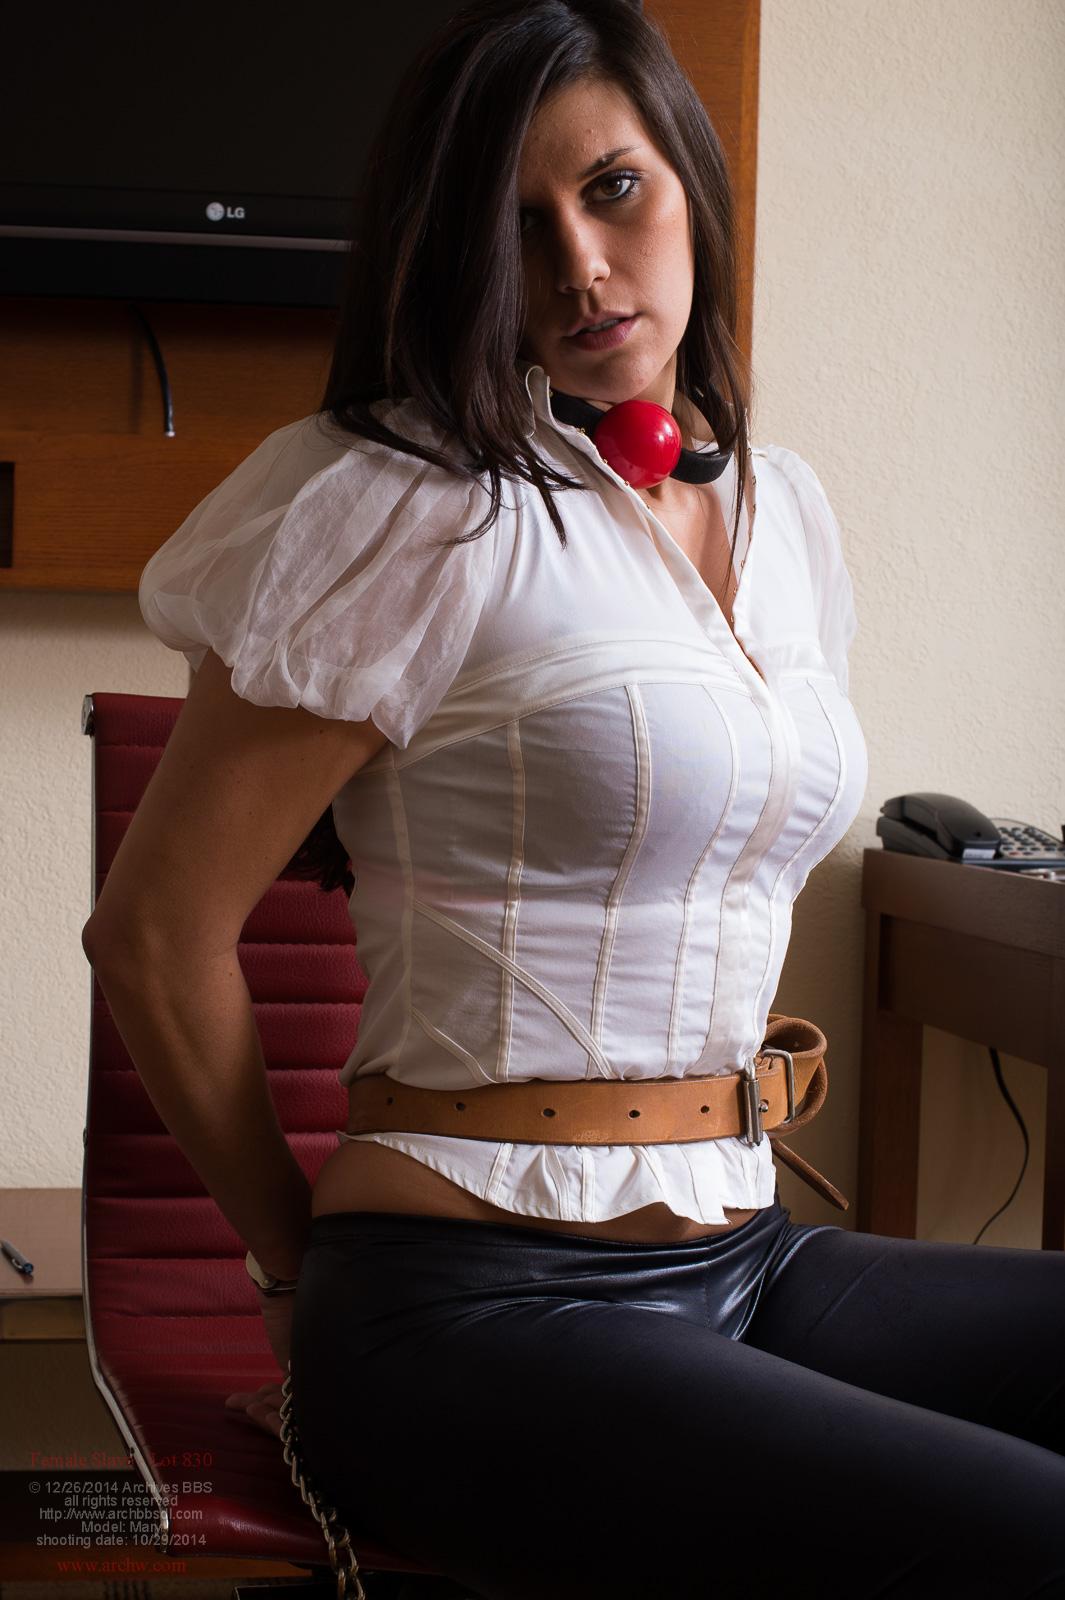 Tight blouse bondage